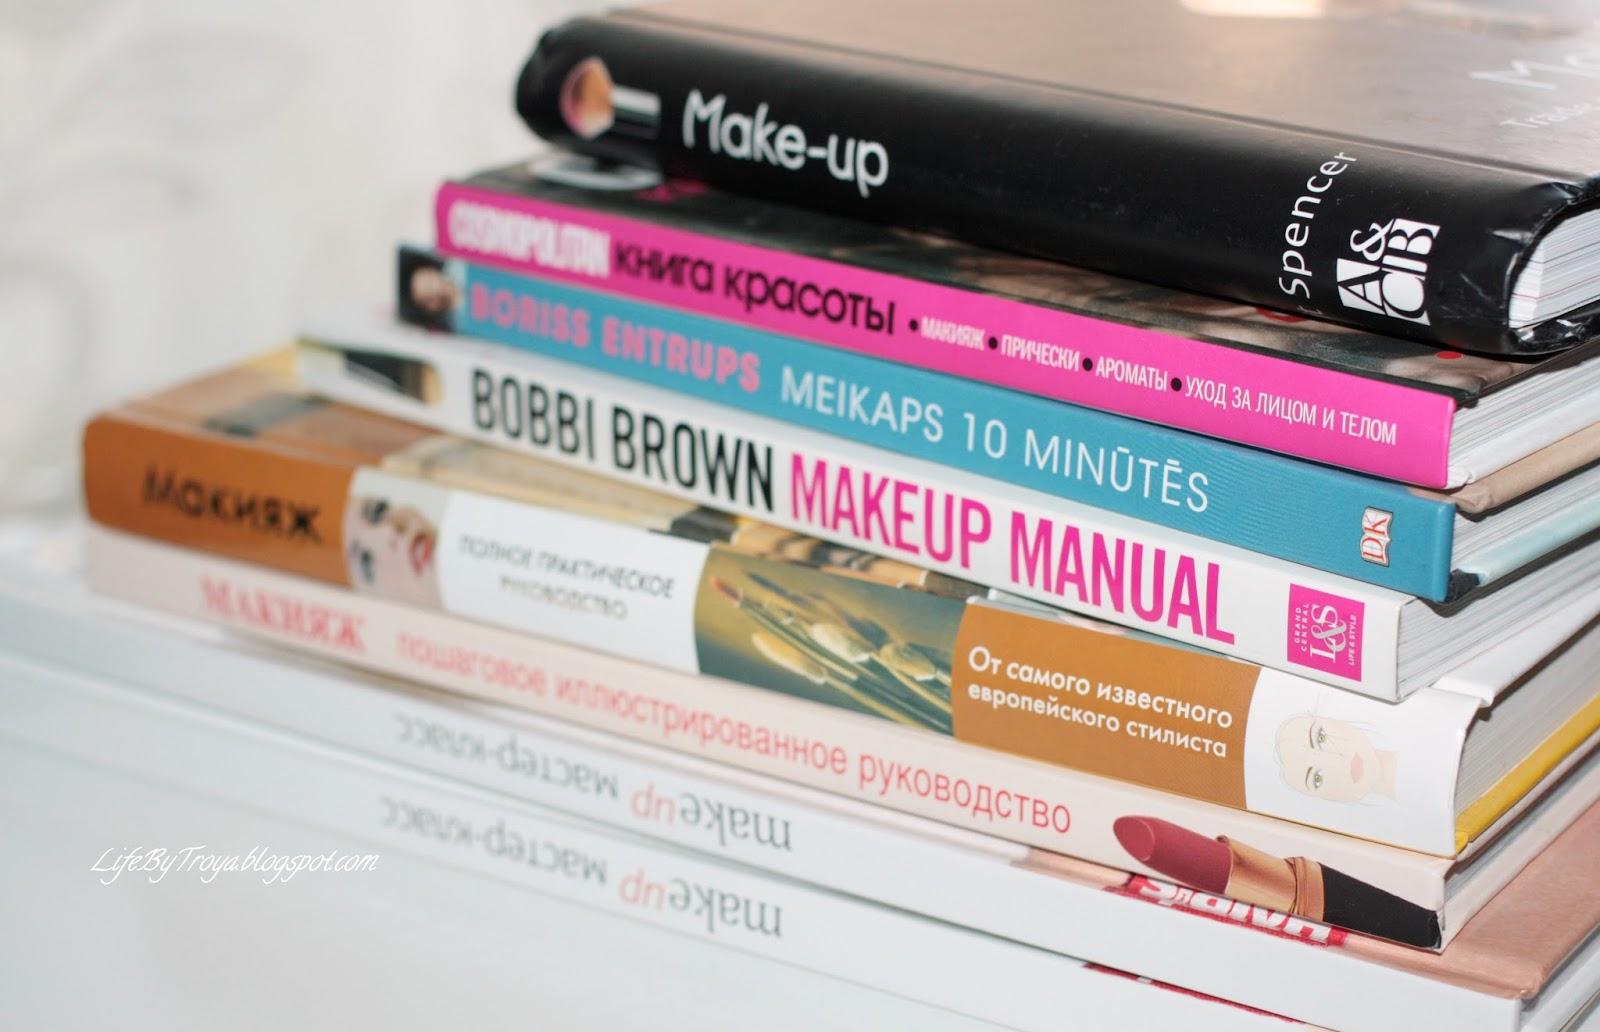 Кевин экоан. макияж. пошаговое иллюстрированное руководство